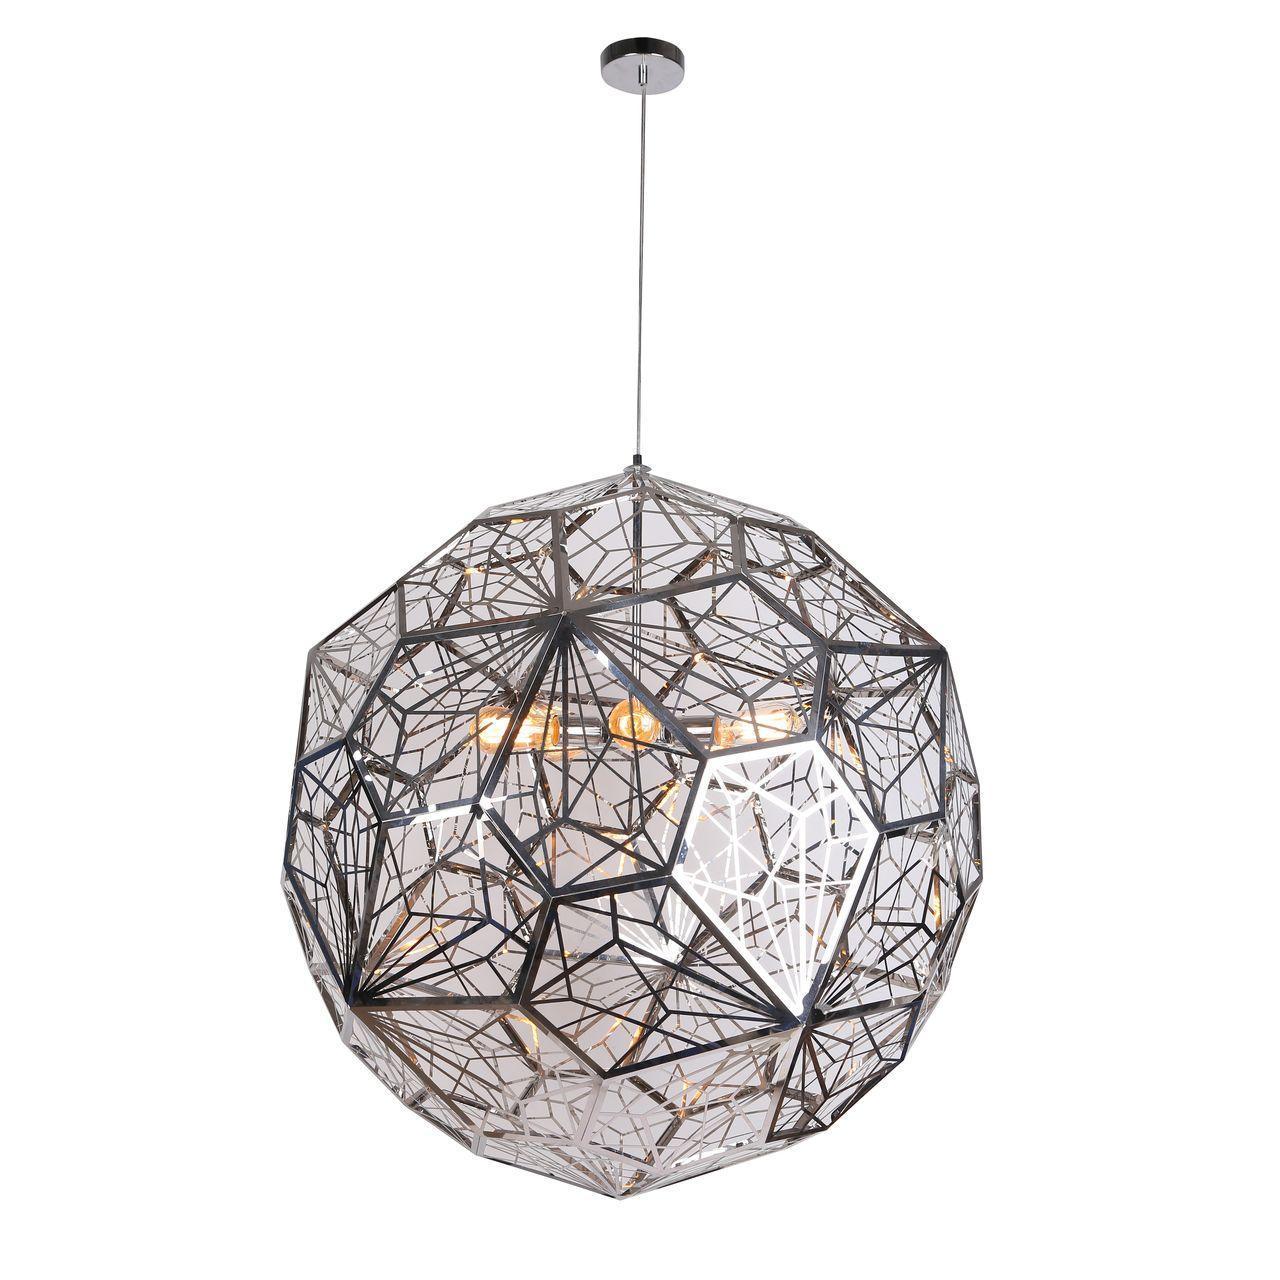 Подвесной светильник Divinare 1011/02 SP-5 divinare подвесной светильник divinare candela 1162 01 sp 5